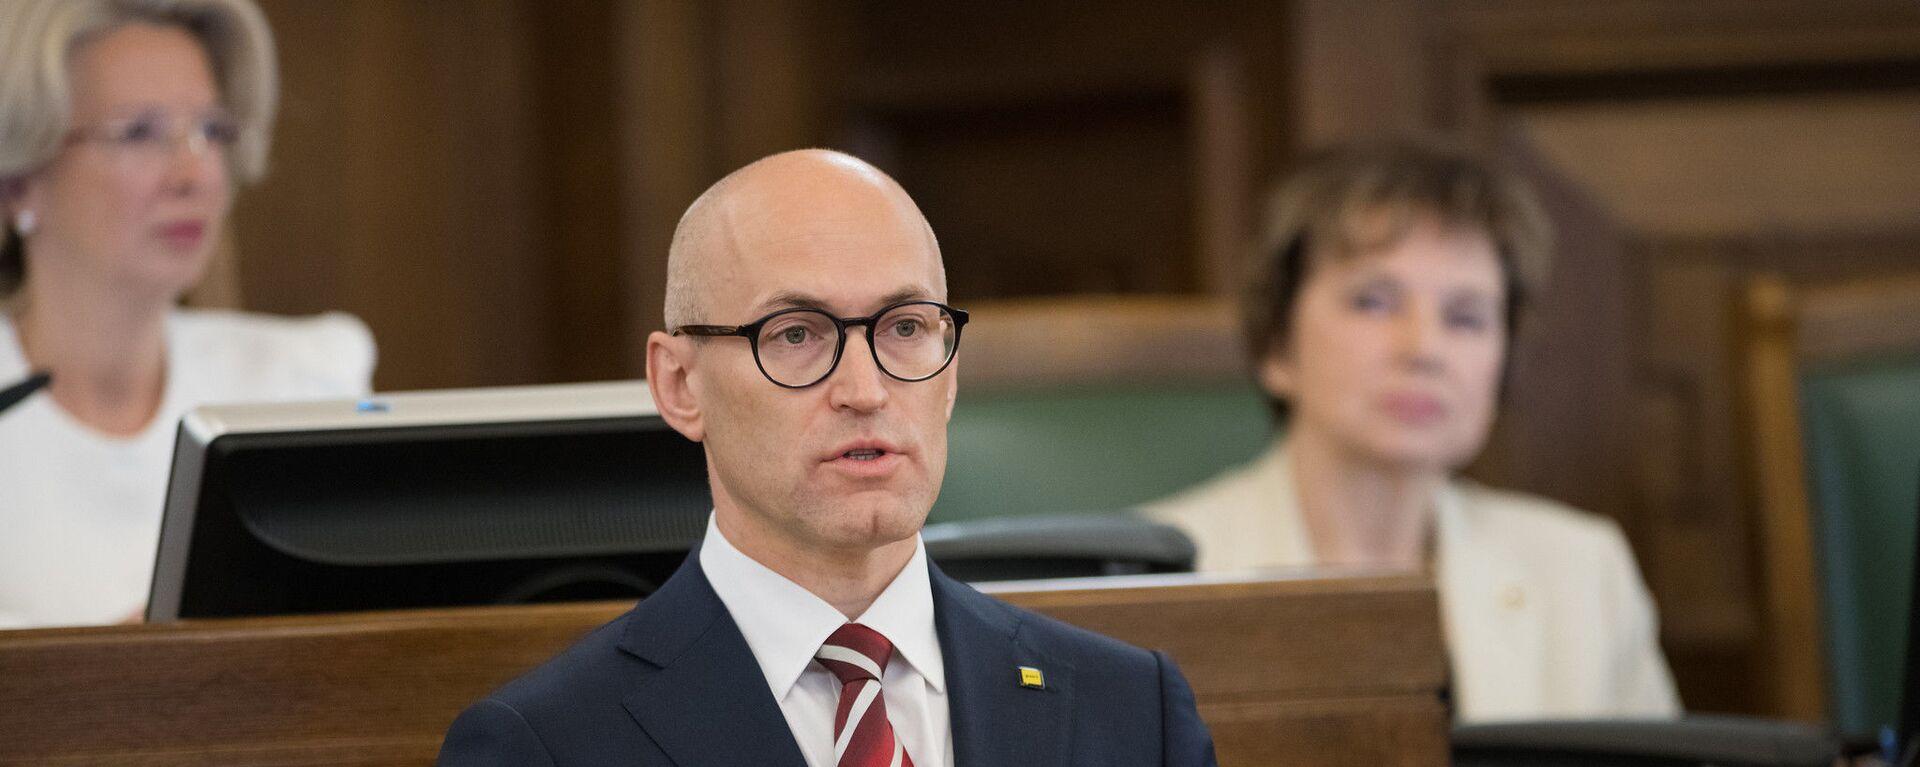 Министр здравоохранения Латвии Даниэль Павлютс - Sputnik Латвия, 1920, 08.10.2021